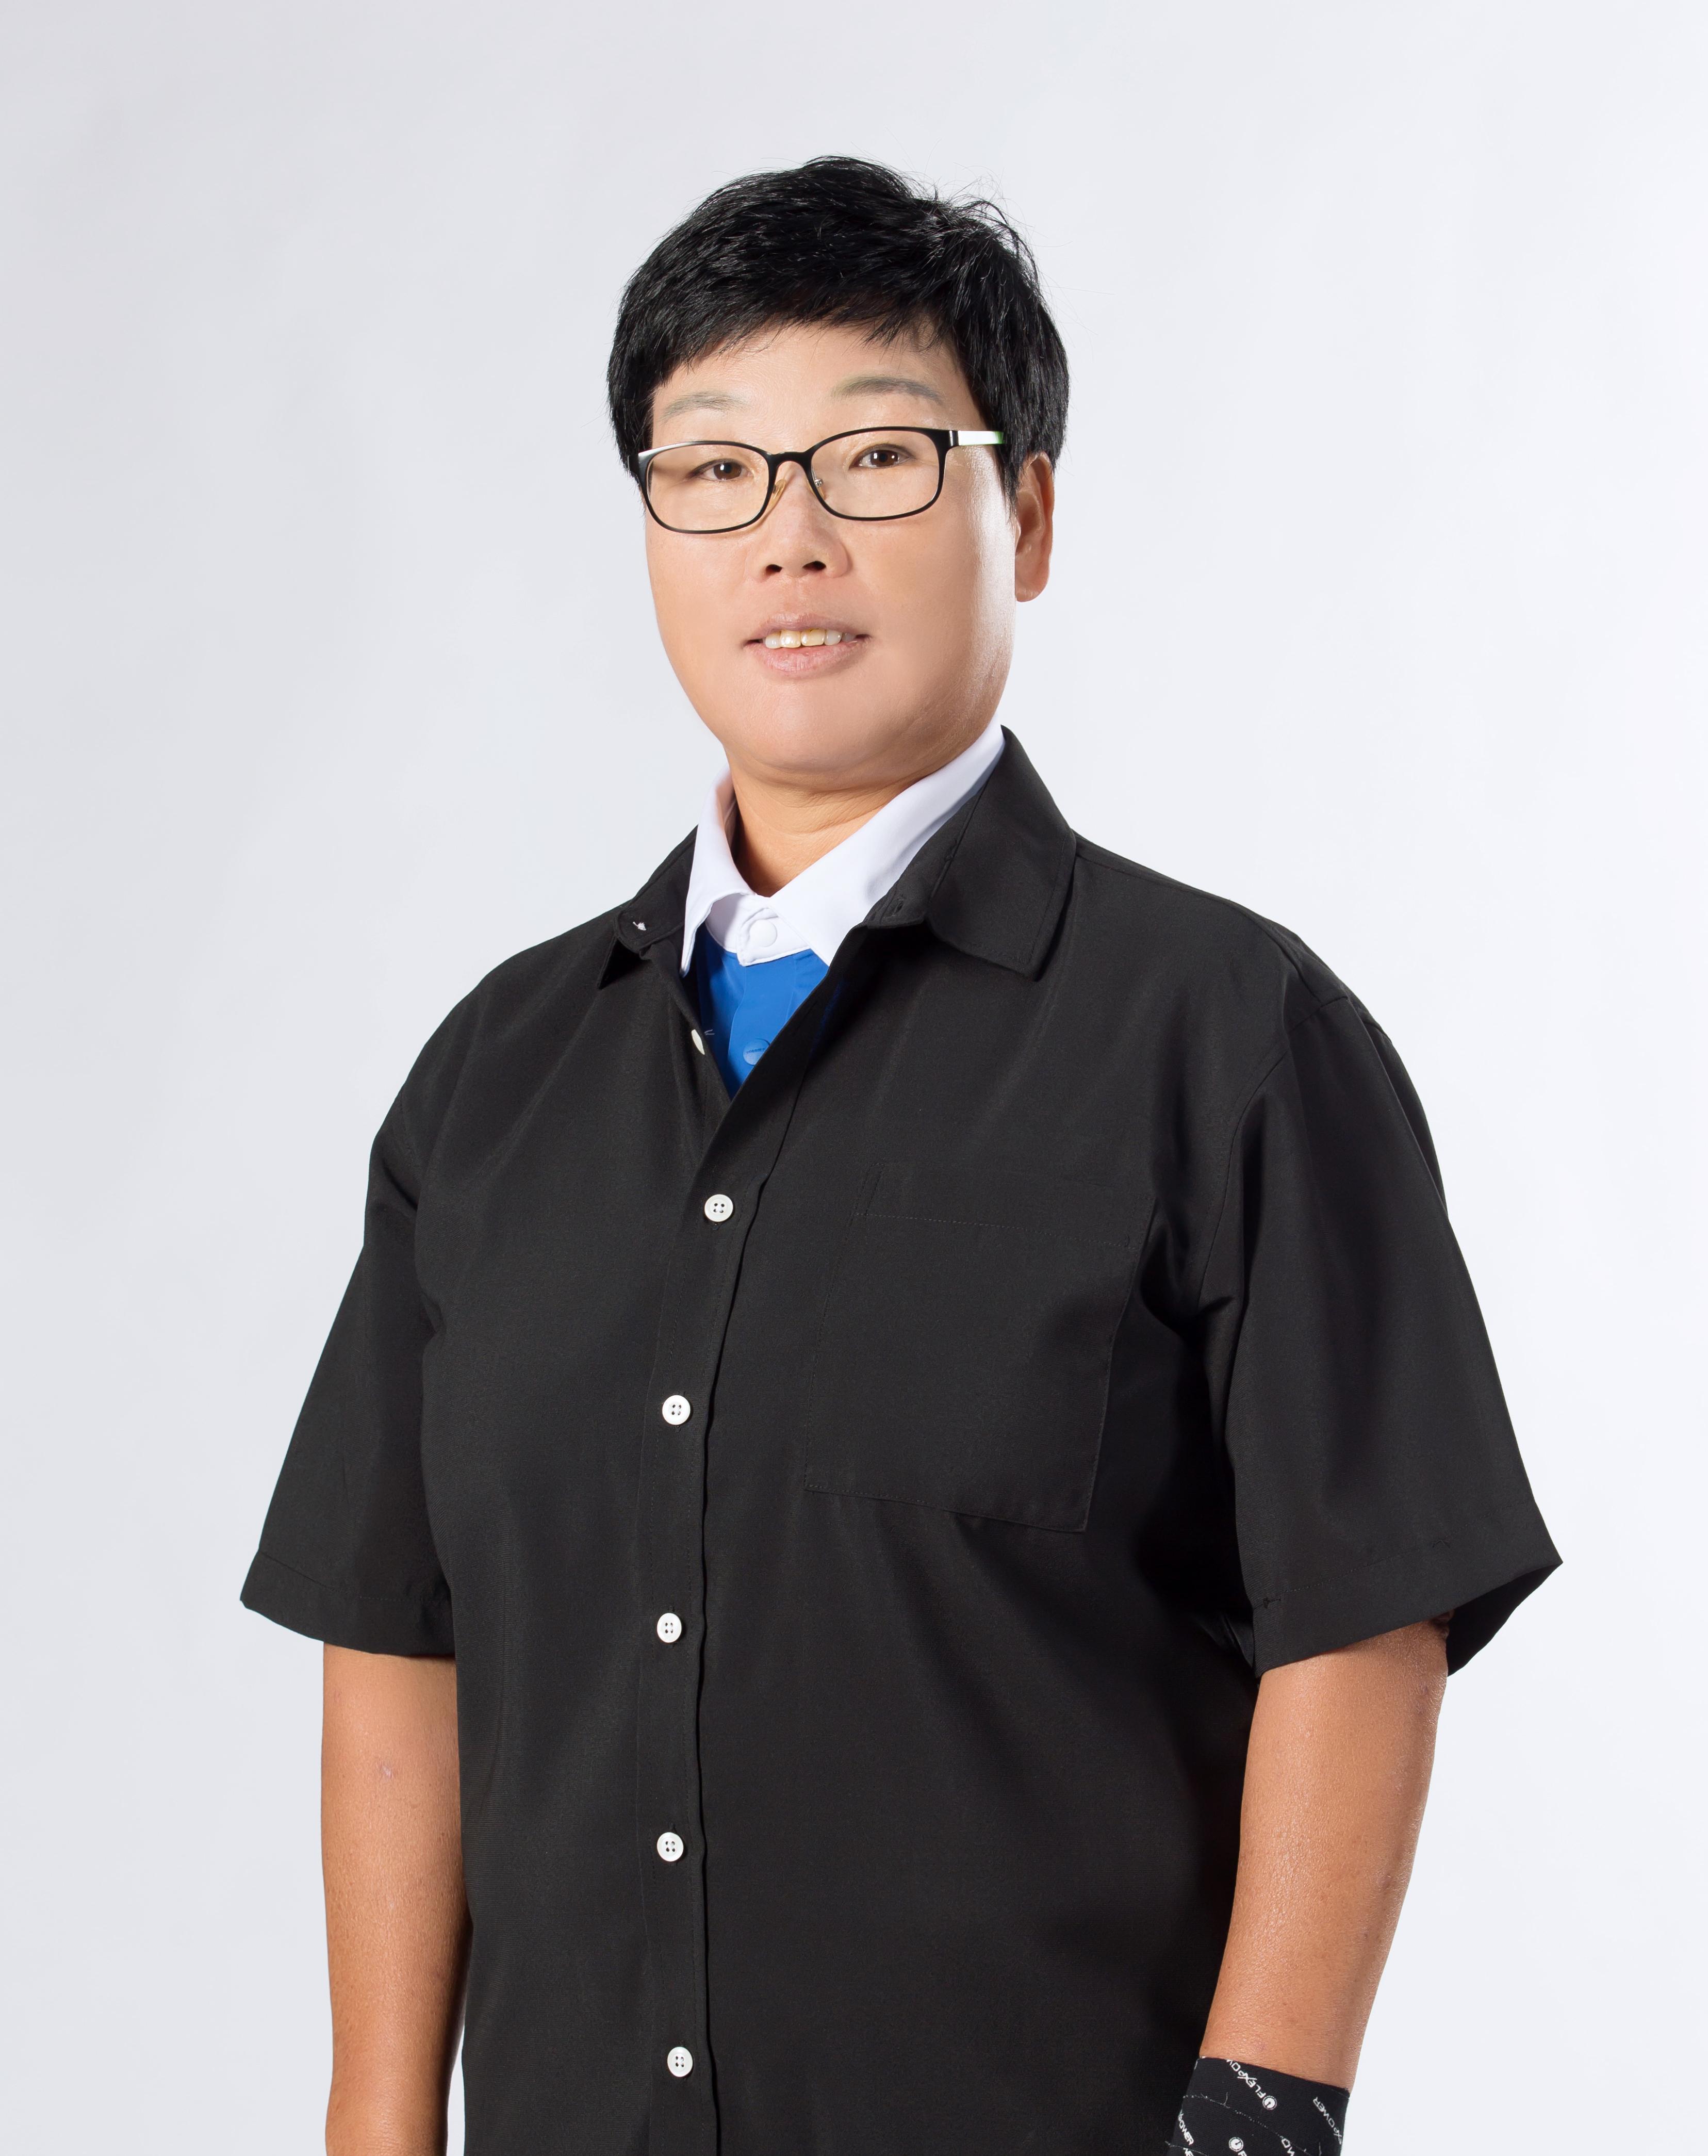 이오순 프로